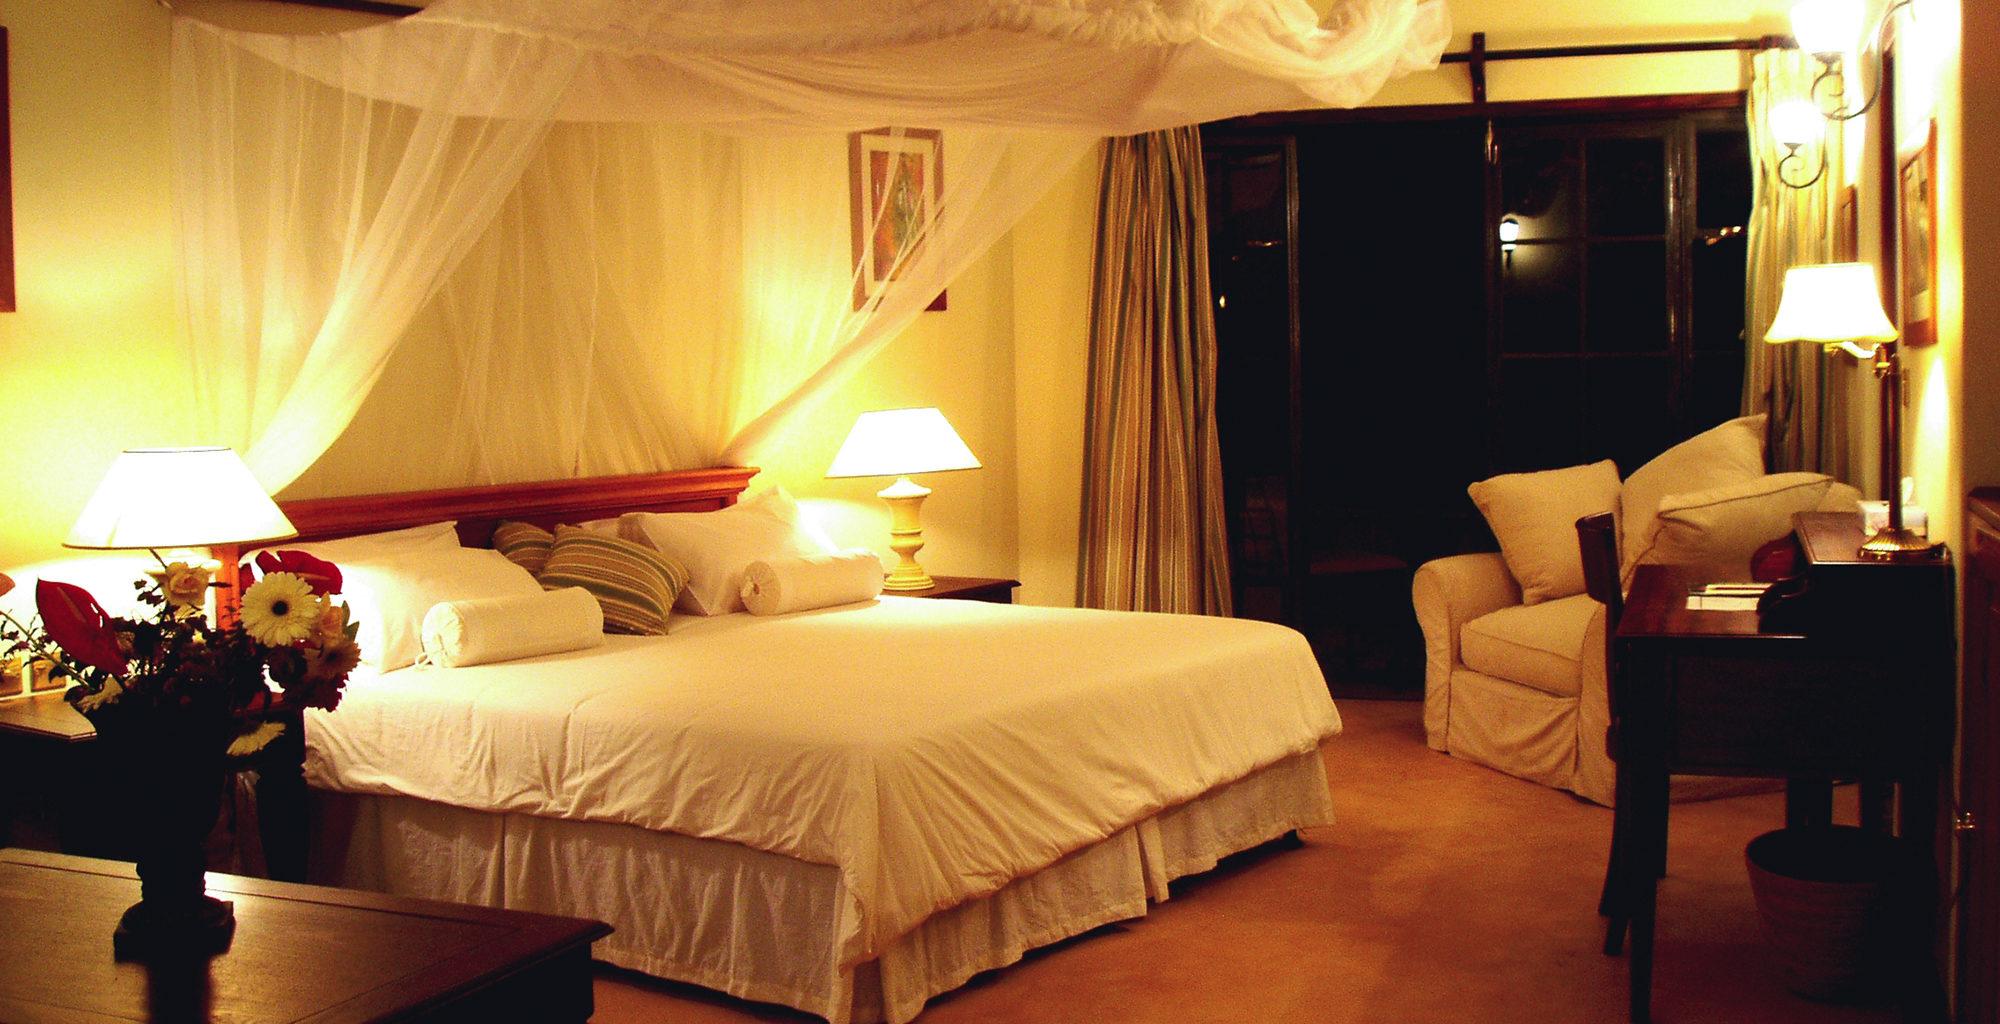 Uganda-Emin-Pasha-Bedroom